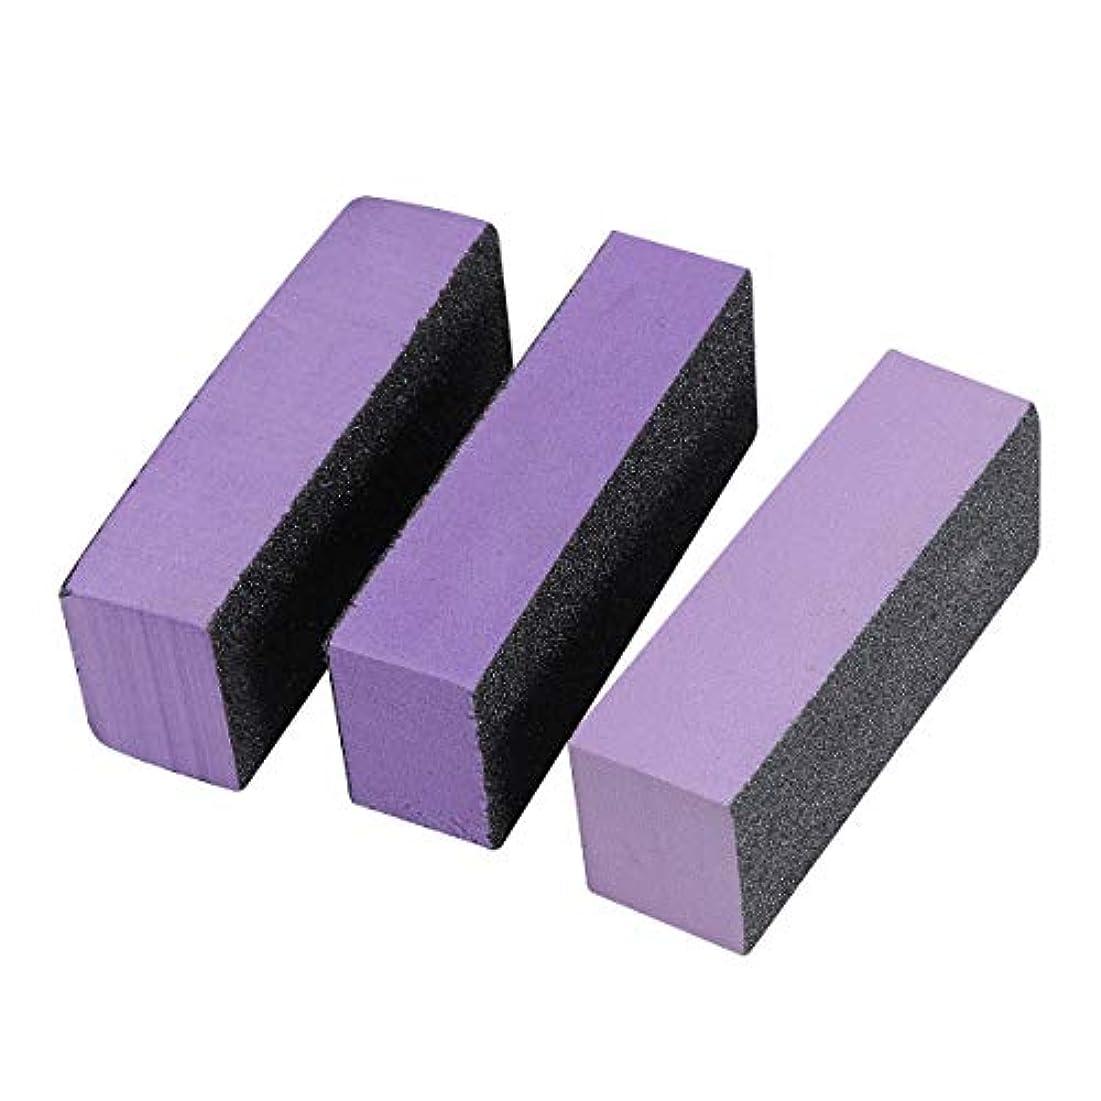 Lurrose スポンジネイルファイル ネイルバッファーブロック 3サイド ネイル ポリッシュストリップ エメリーボード ネイルツール用品3ピース